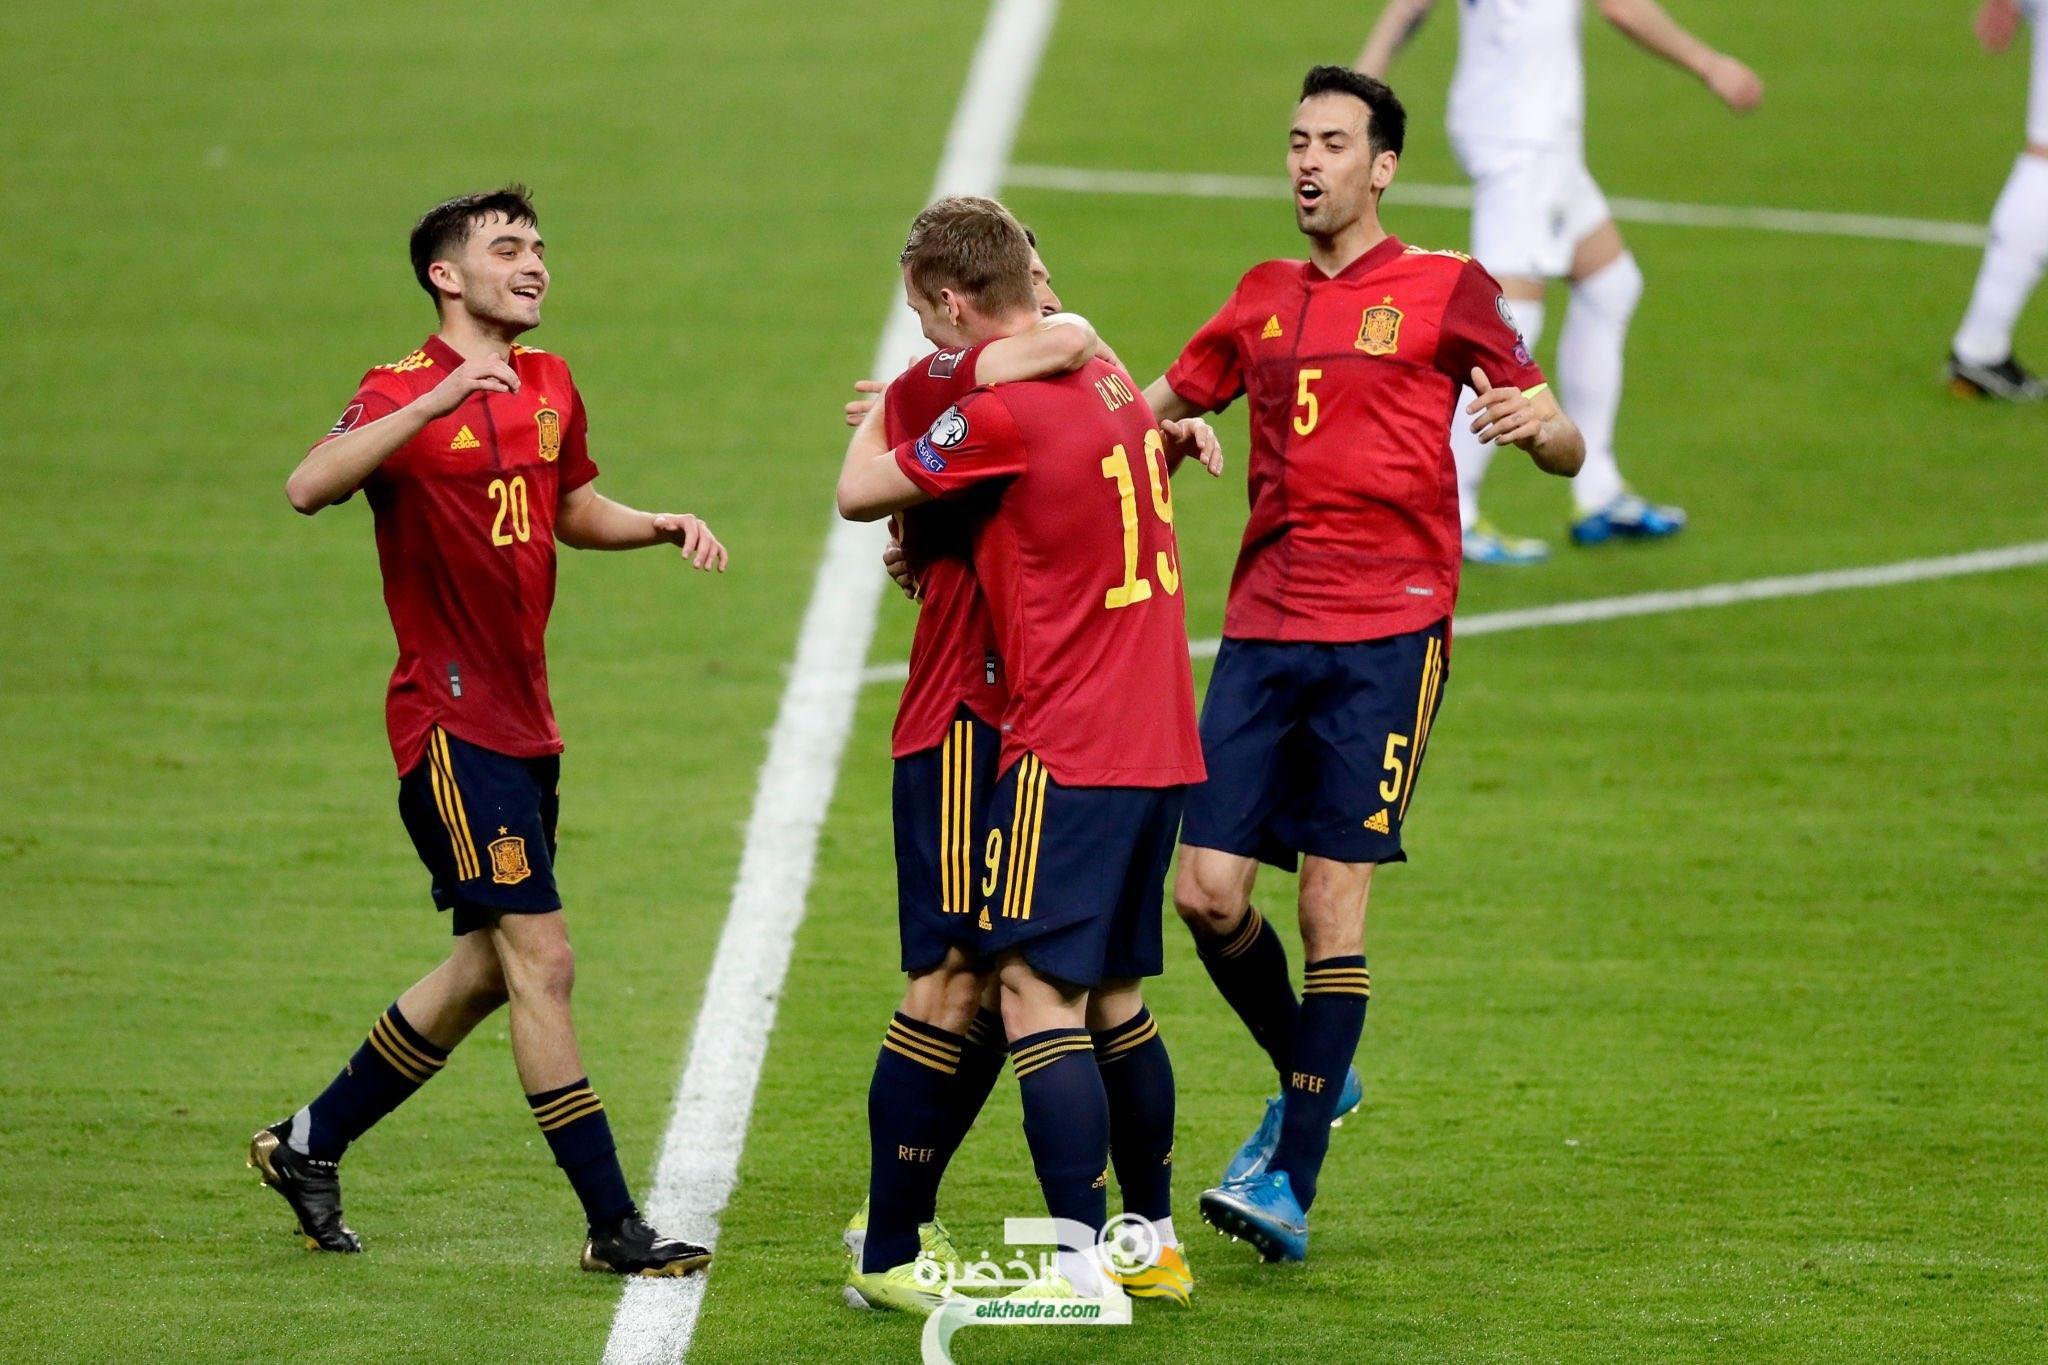 في تصفيات كأس العالم قطر2022 : إسبانيا تهزم كوسوفو بثلاثية 3